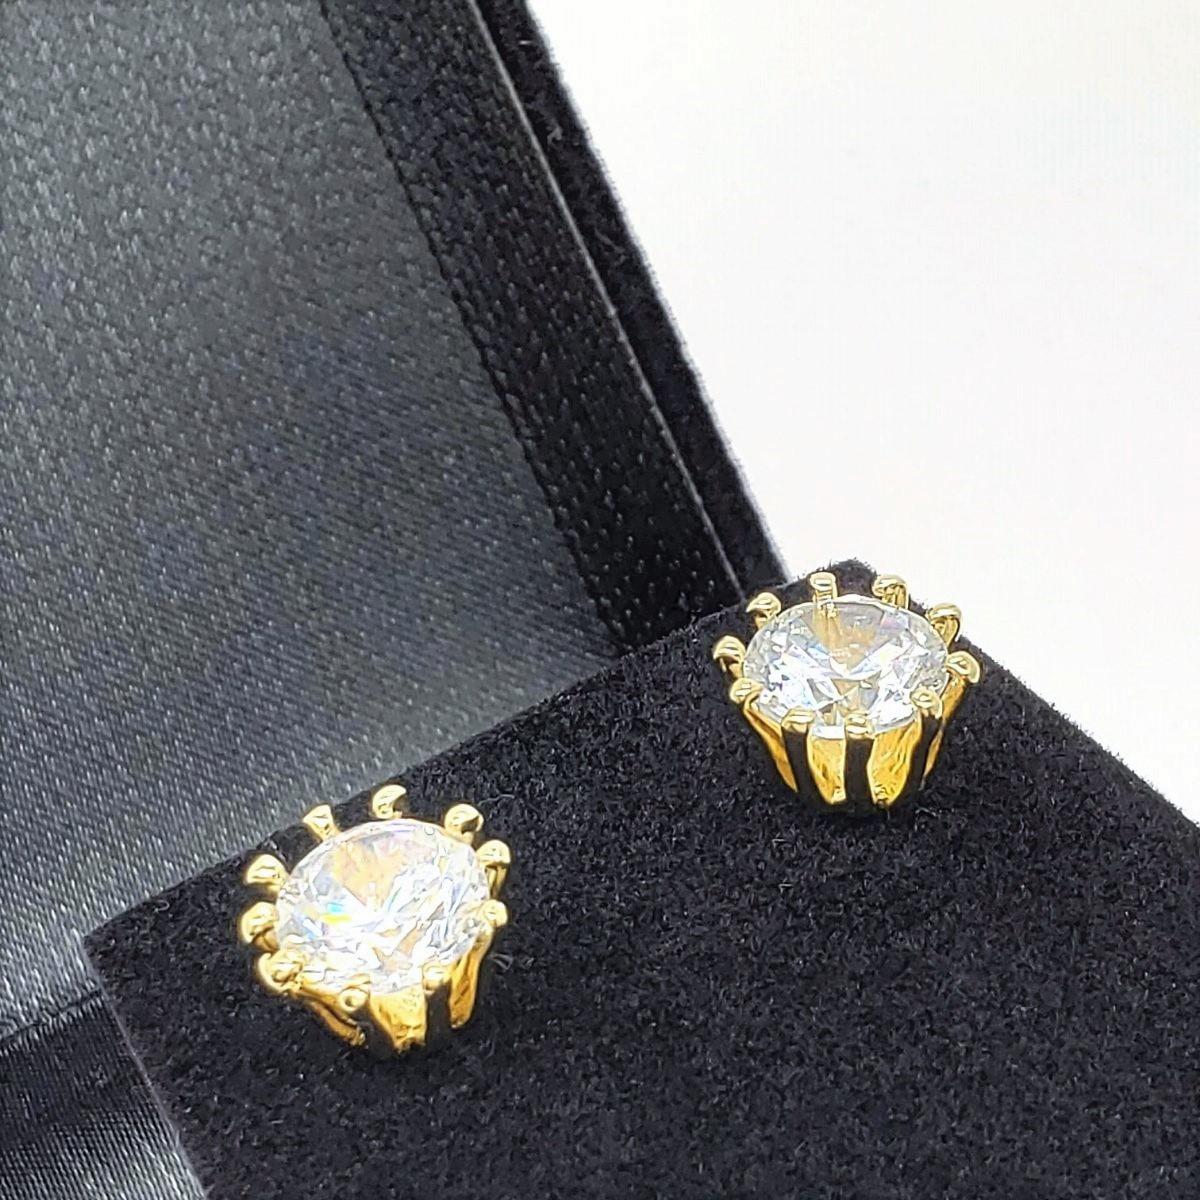 Brincos Solitário Cristal Banho De Ouro 18k 2240